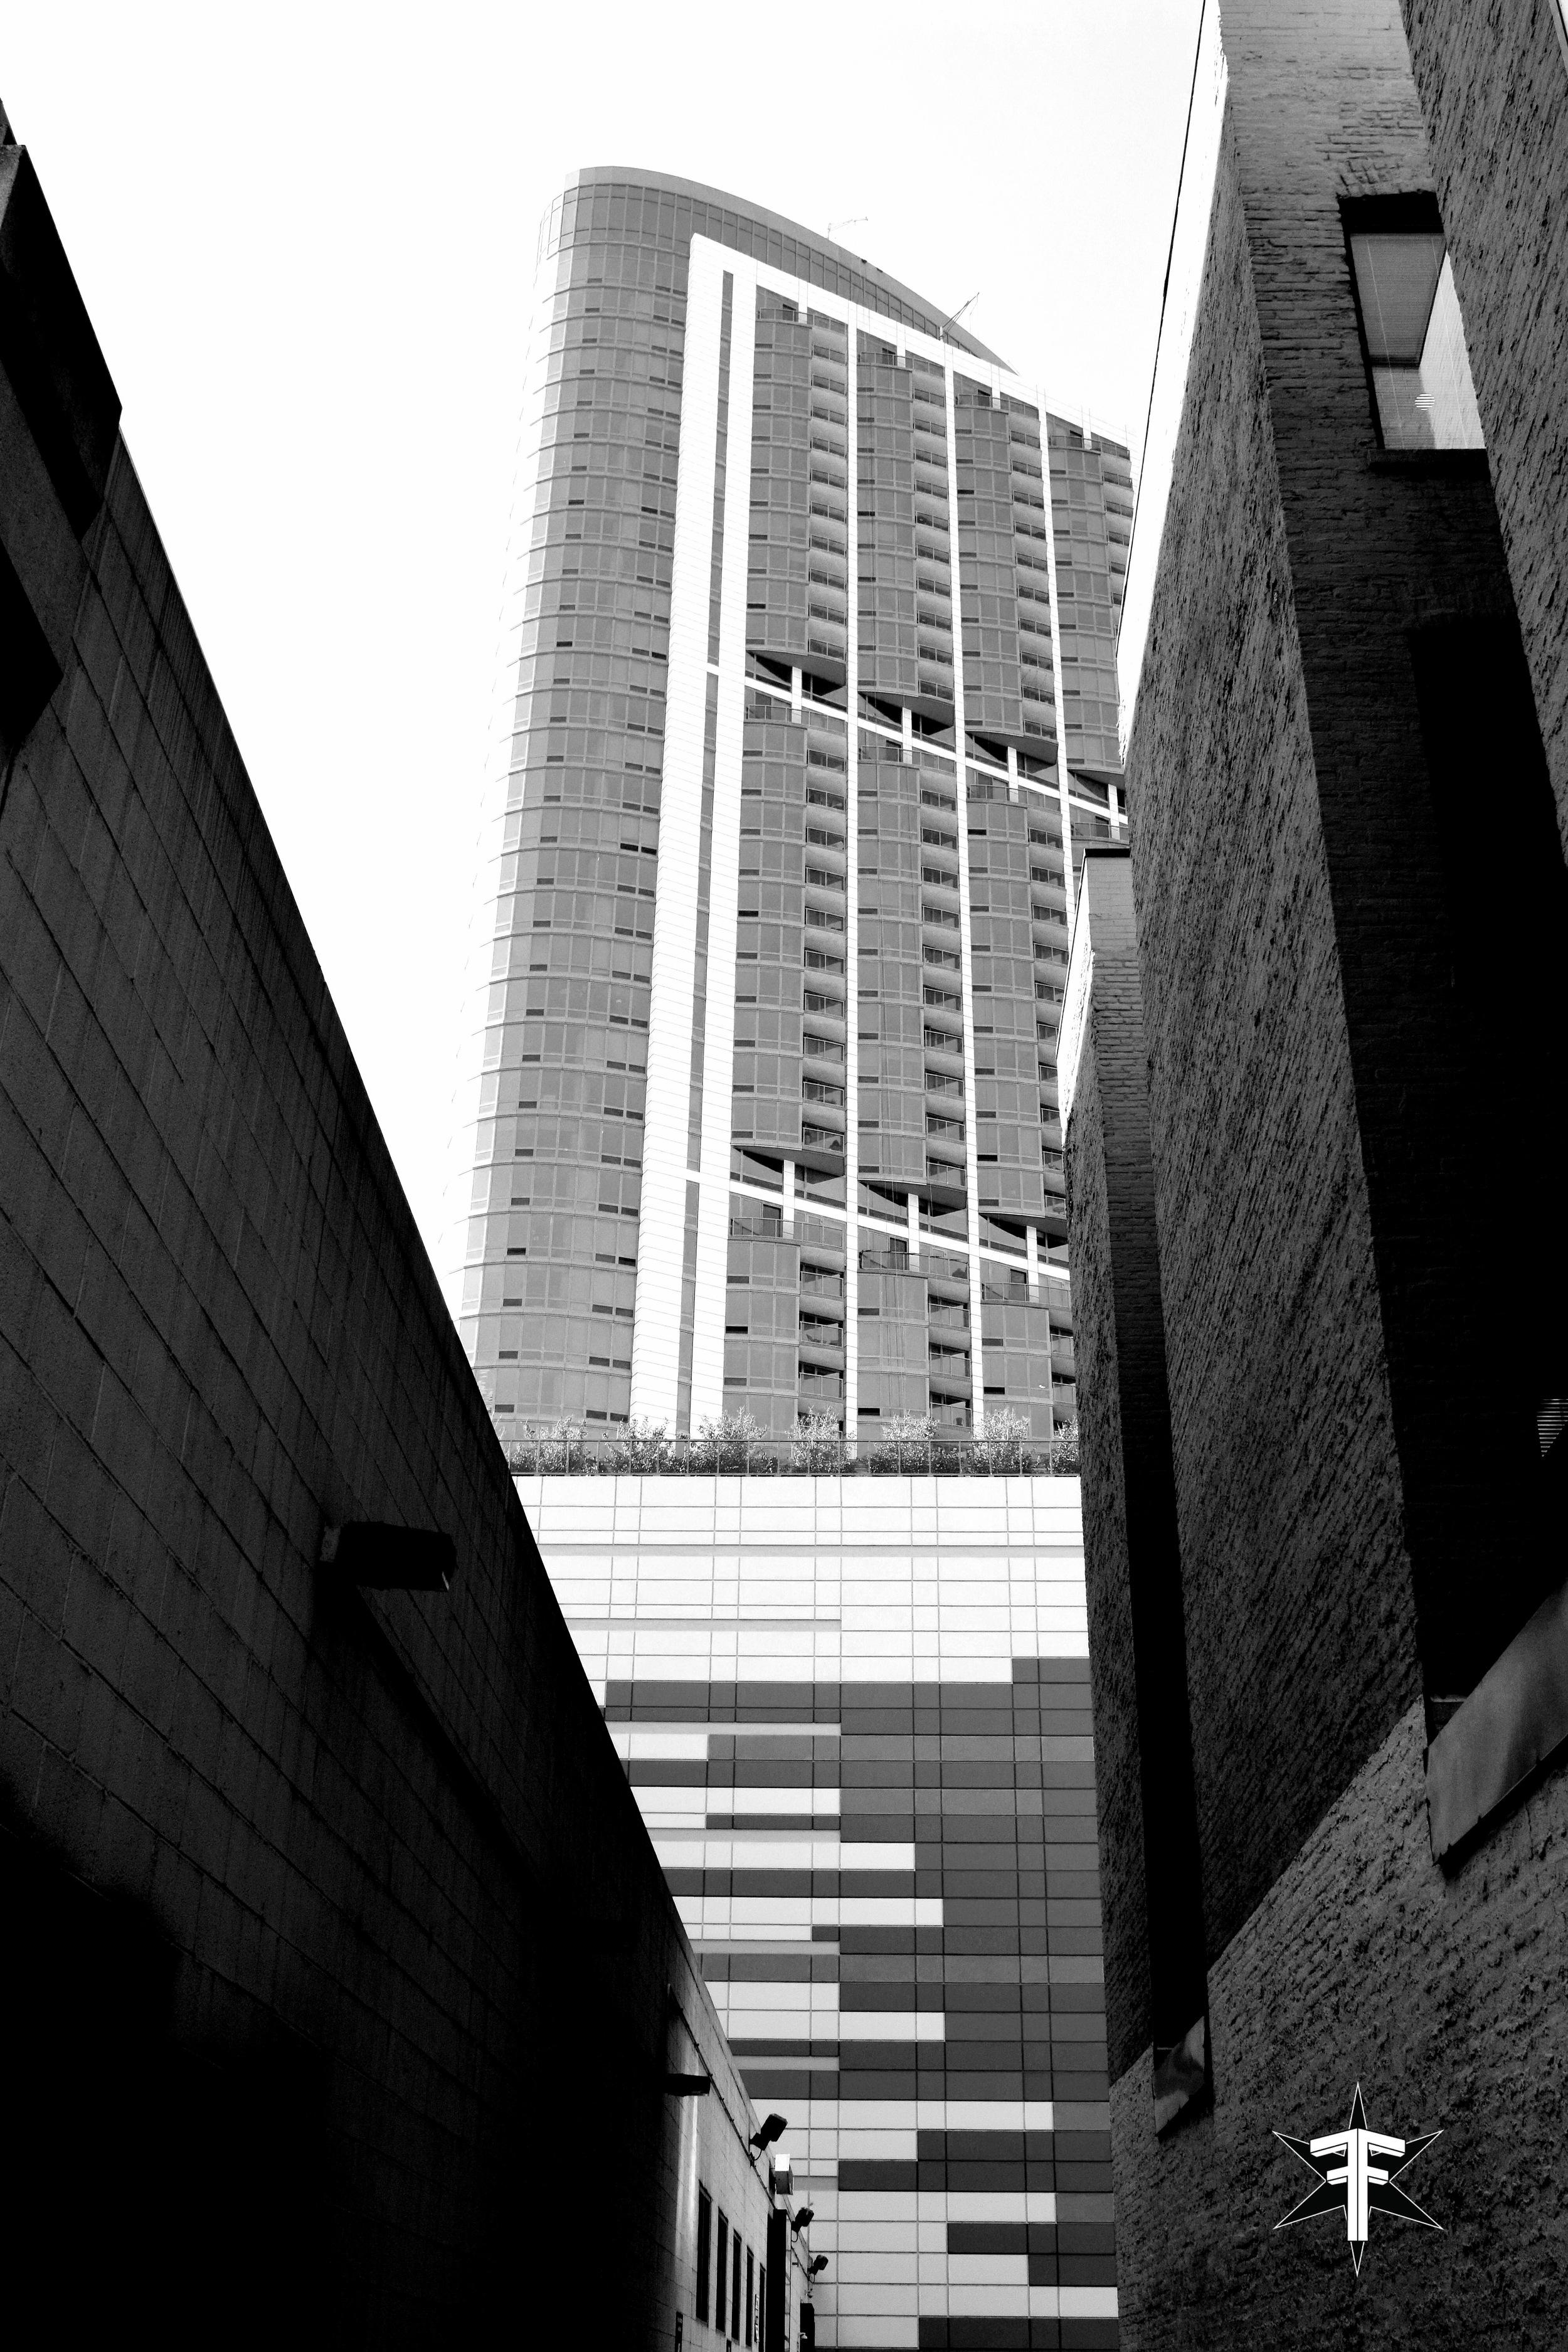 chicago architecture eric formato photography design arquitectura architettura buildings skyscraper skyscrapers-162.jpg